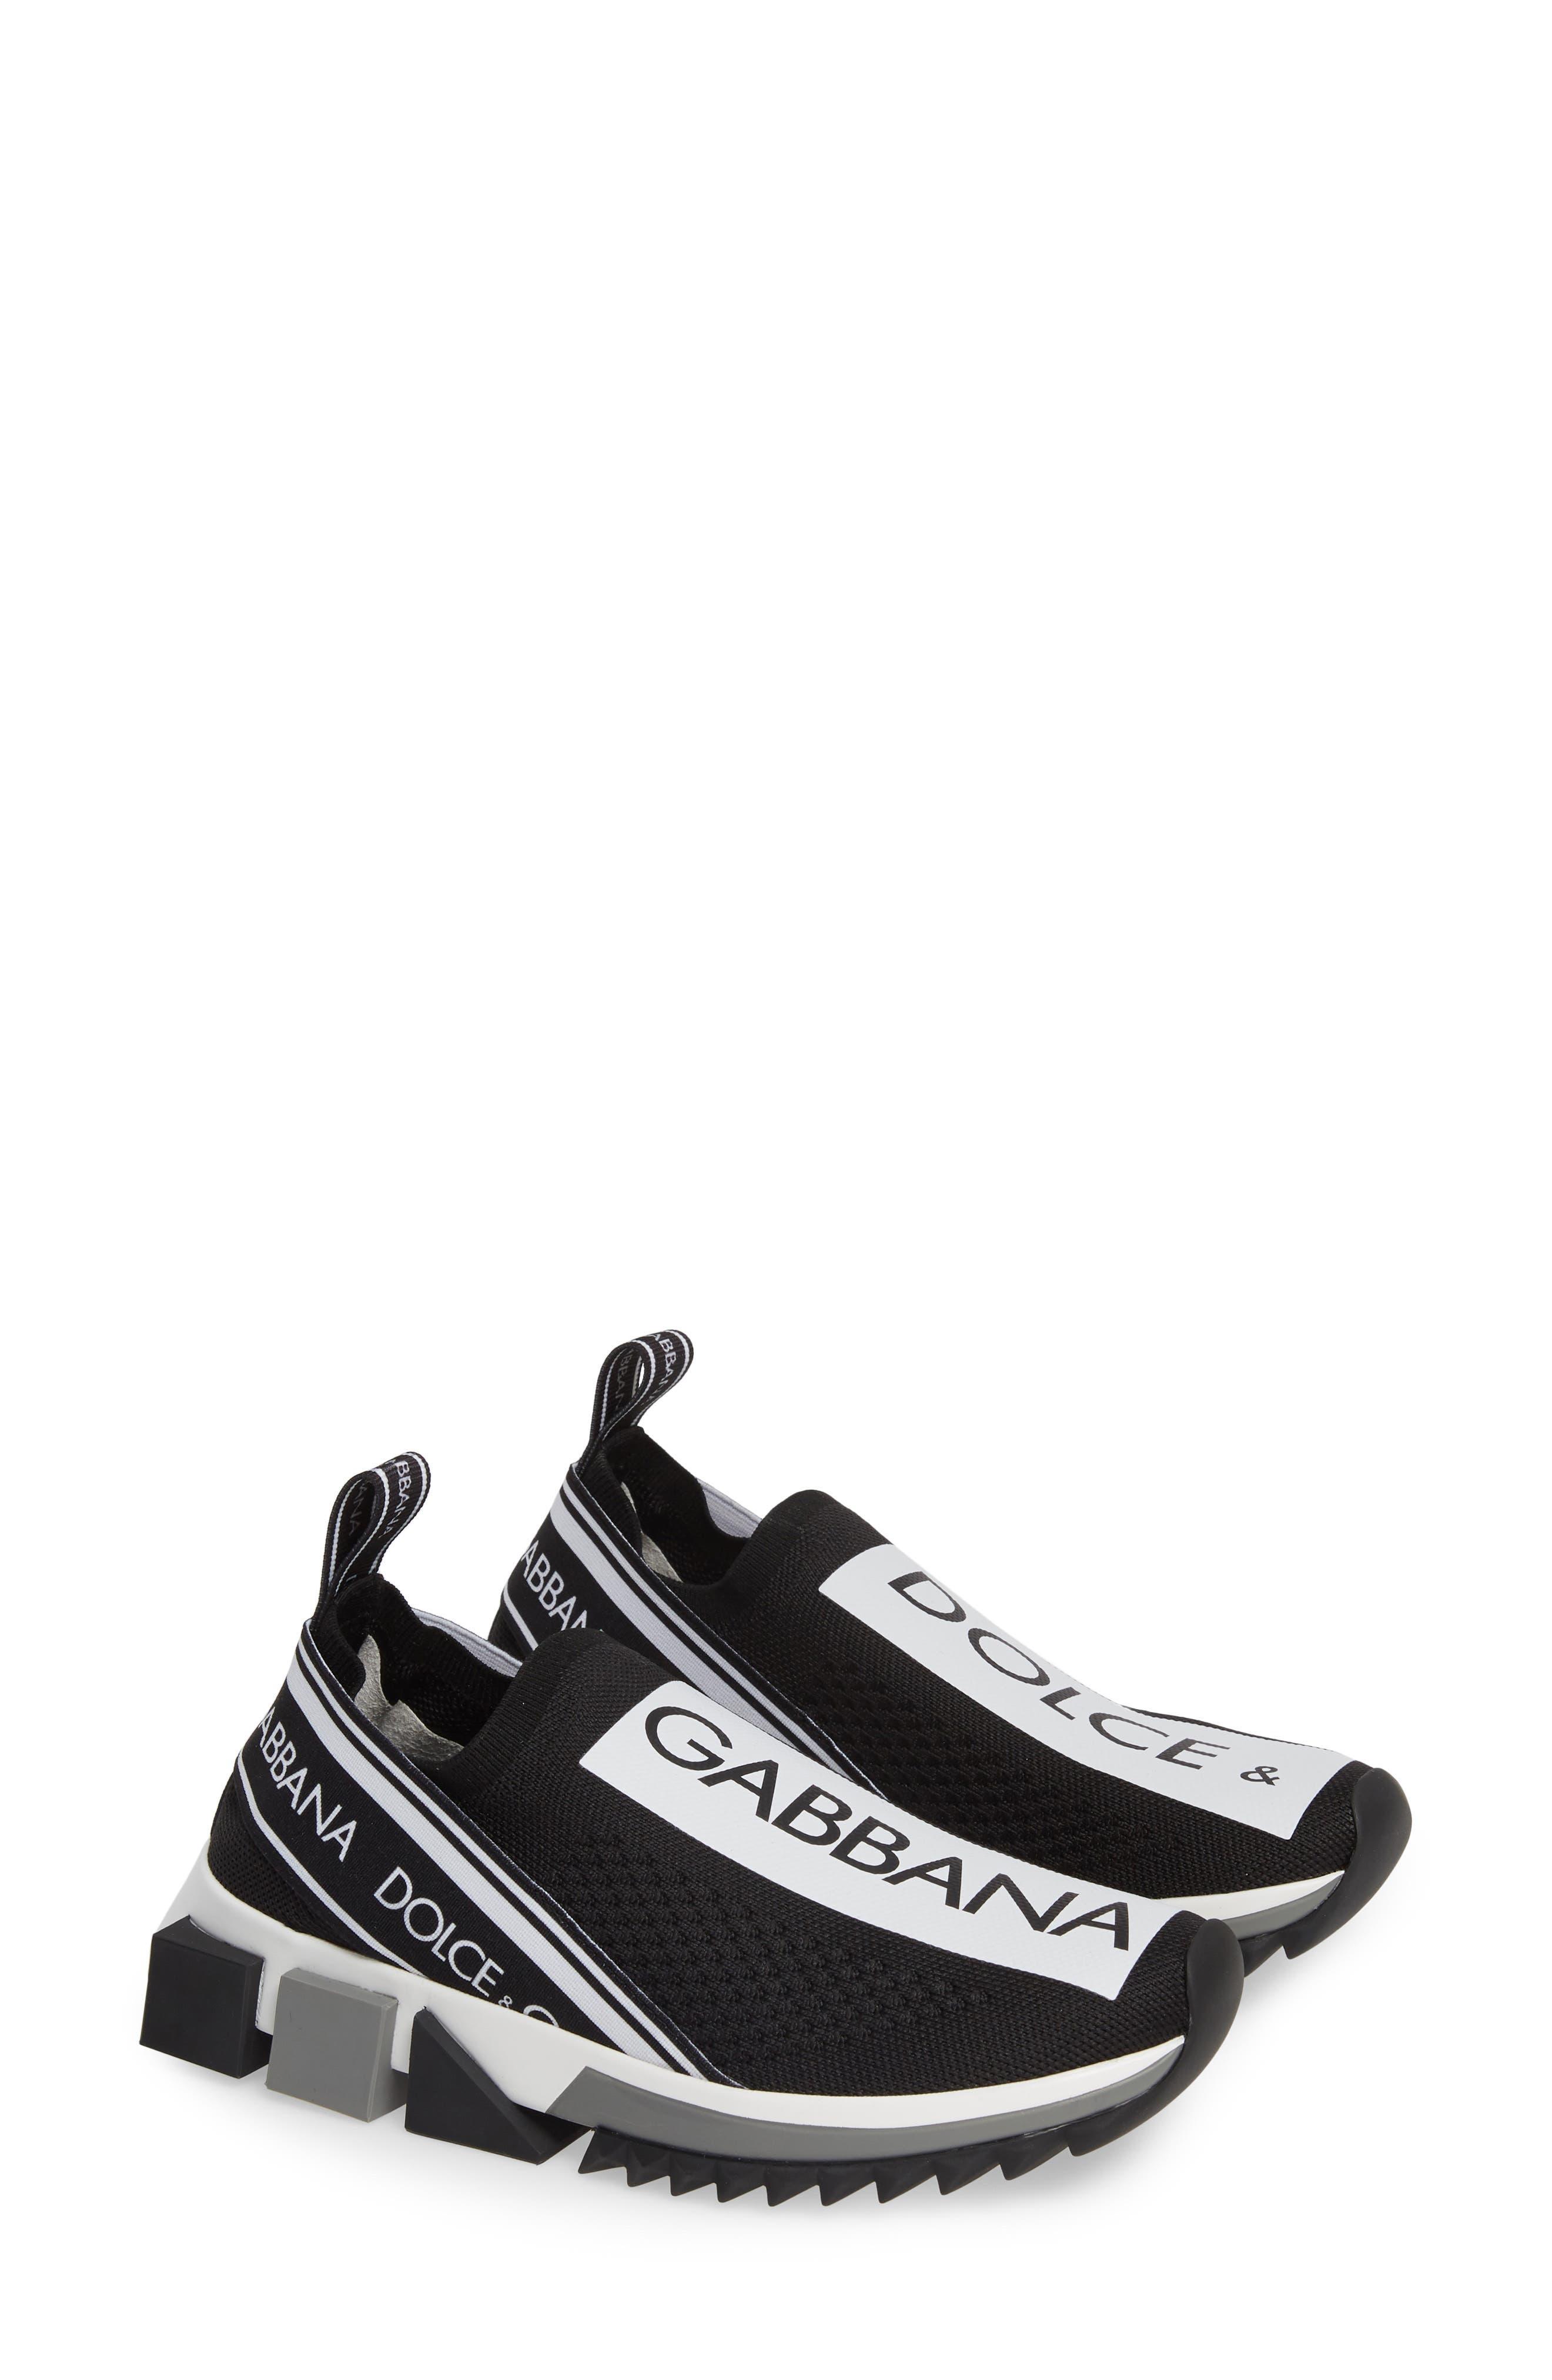 DOLCE&GABBANA, Sorrento Logo Slip-On Sneaker, Alternate thumbnail 2, color, 002